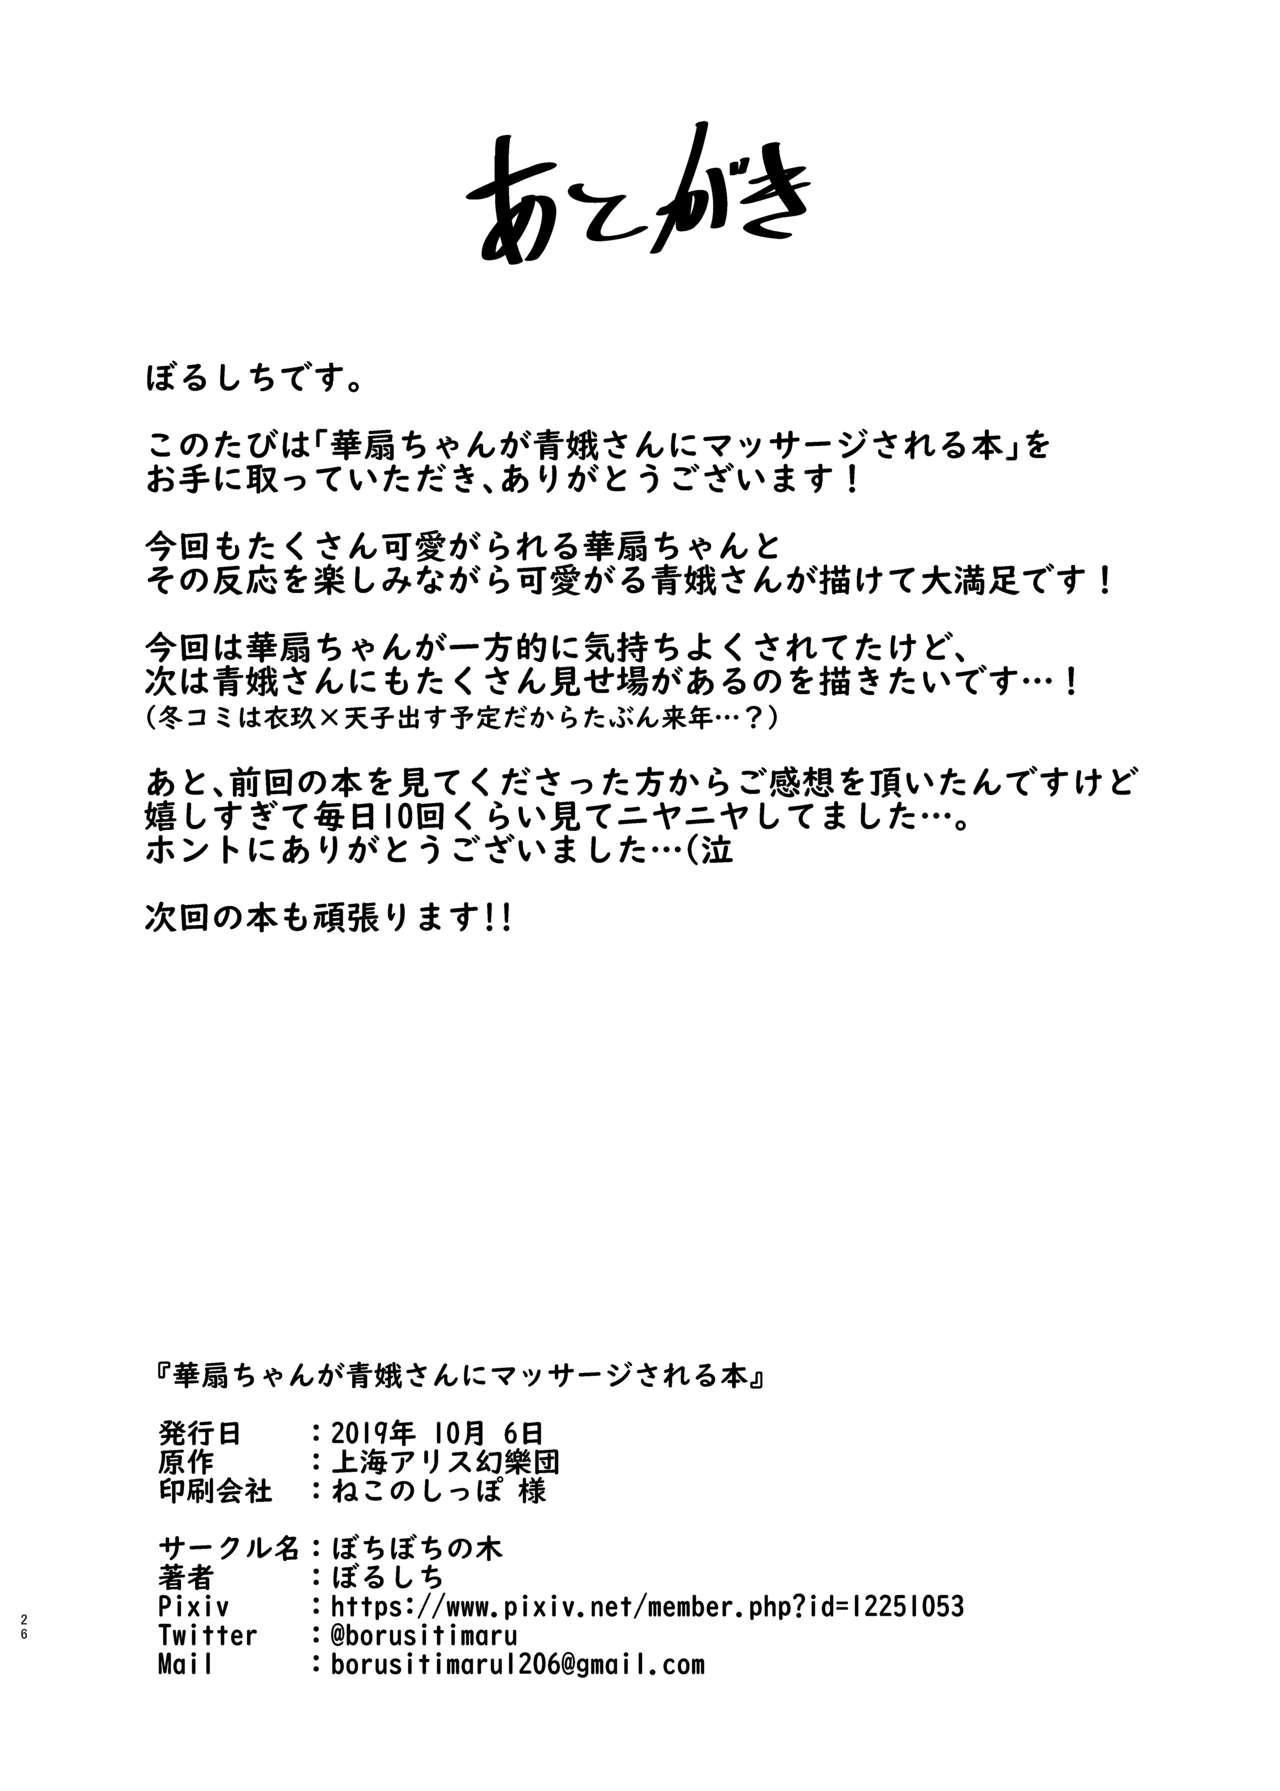 [Bochi Bochi no Ki (Borusiti)] Kasen-chan ga Seiga-san ni Massage sareru Hon (Touhou Project) [Digital] 24